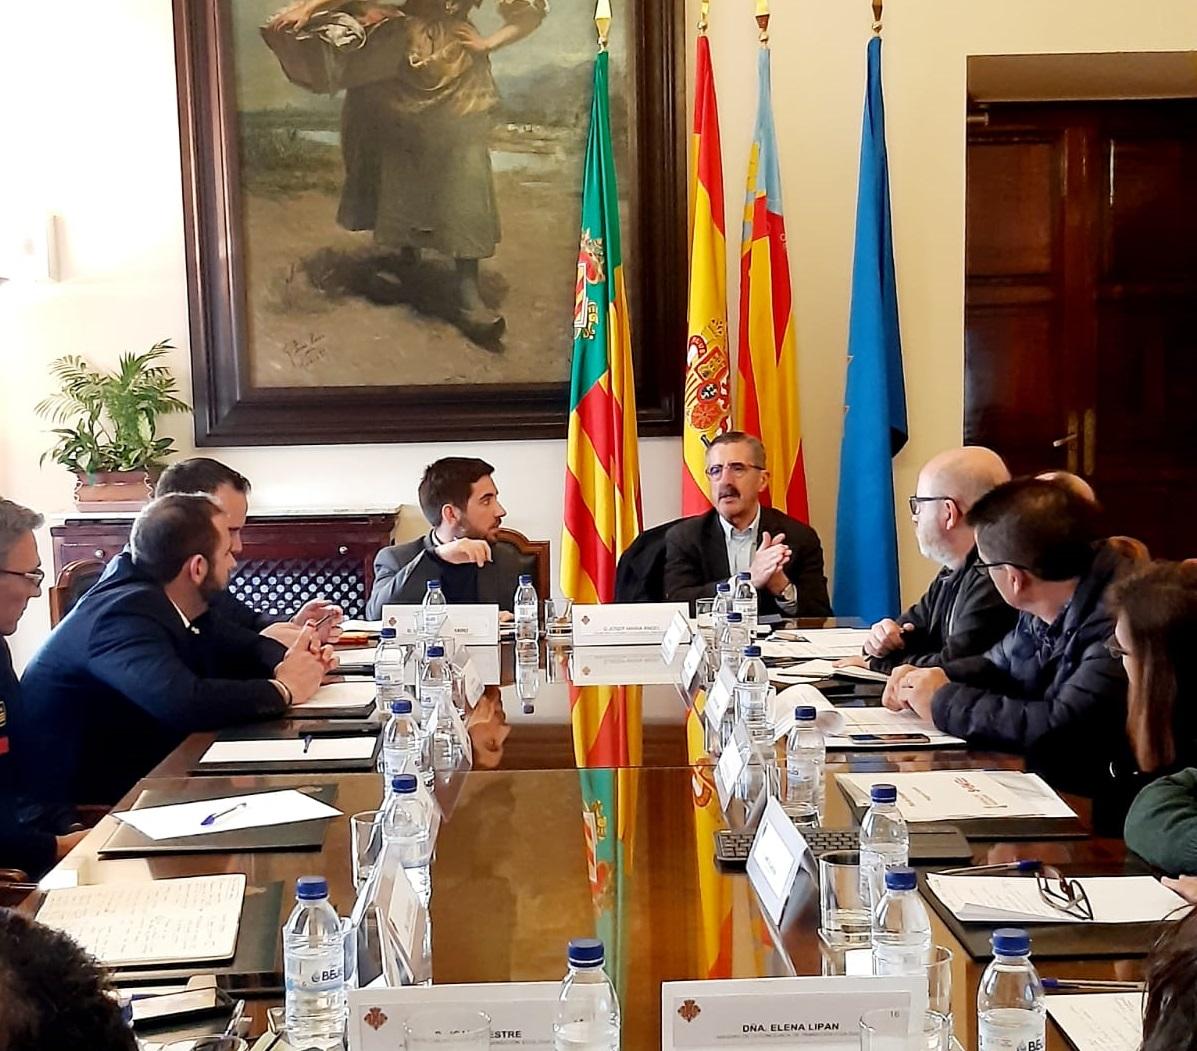 Emergencias anuncia la realización de dos simulacros de emergencias este año en Castelló